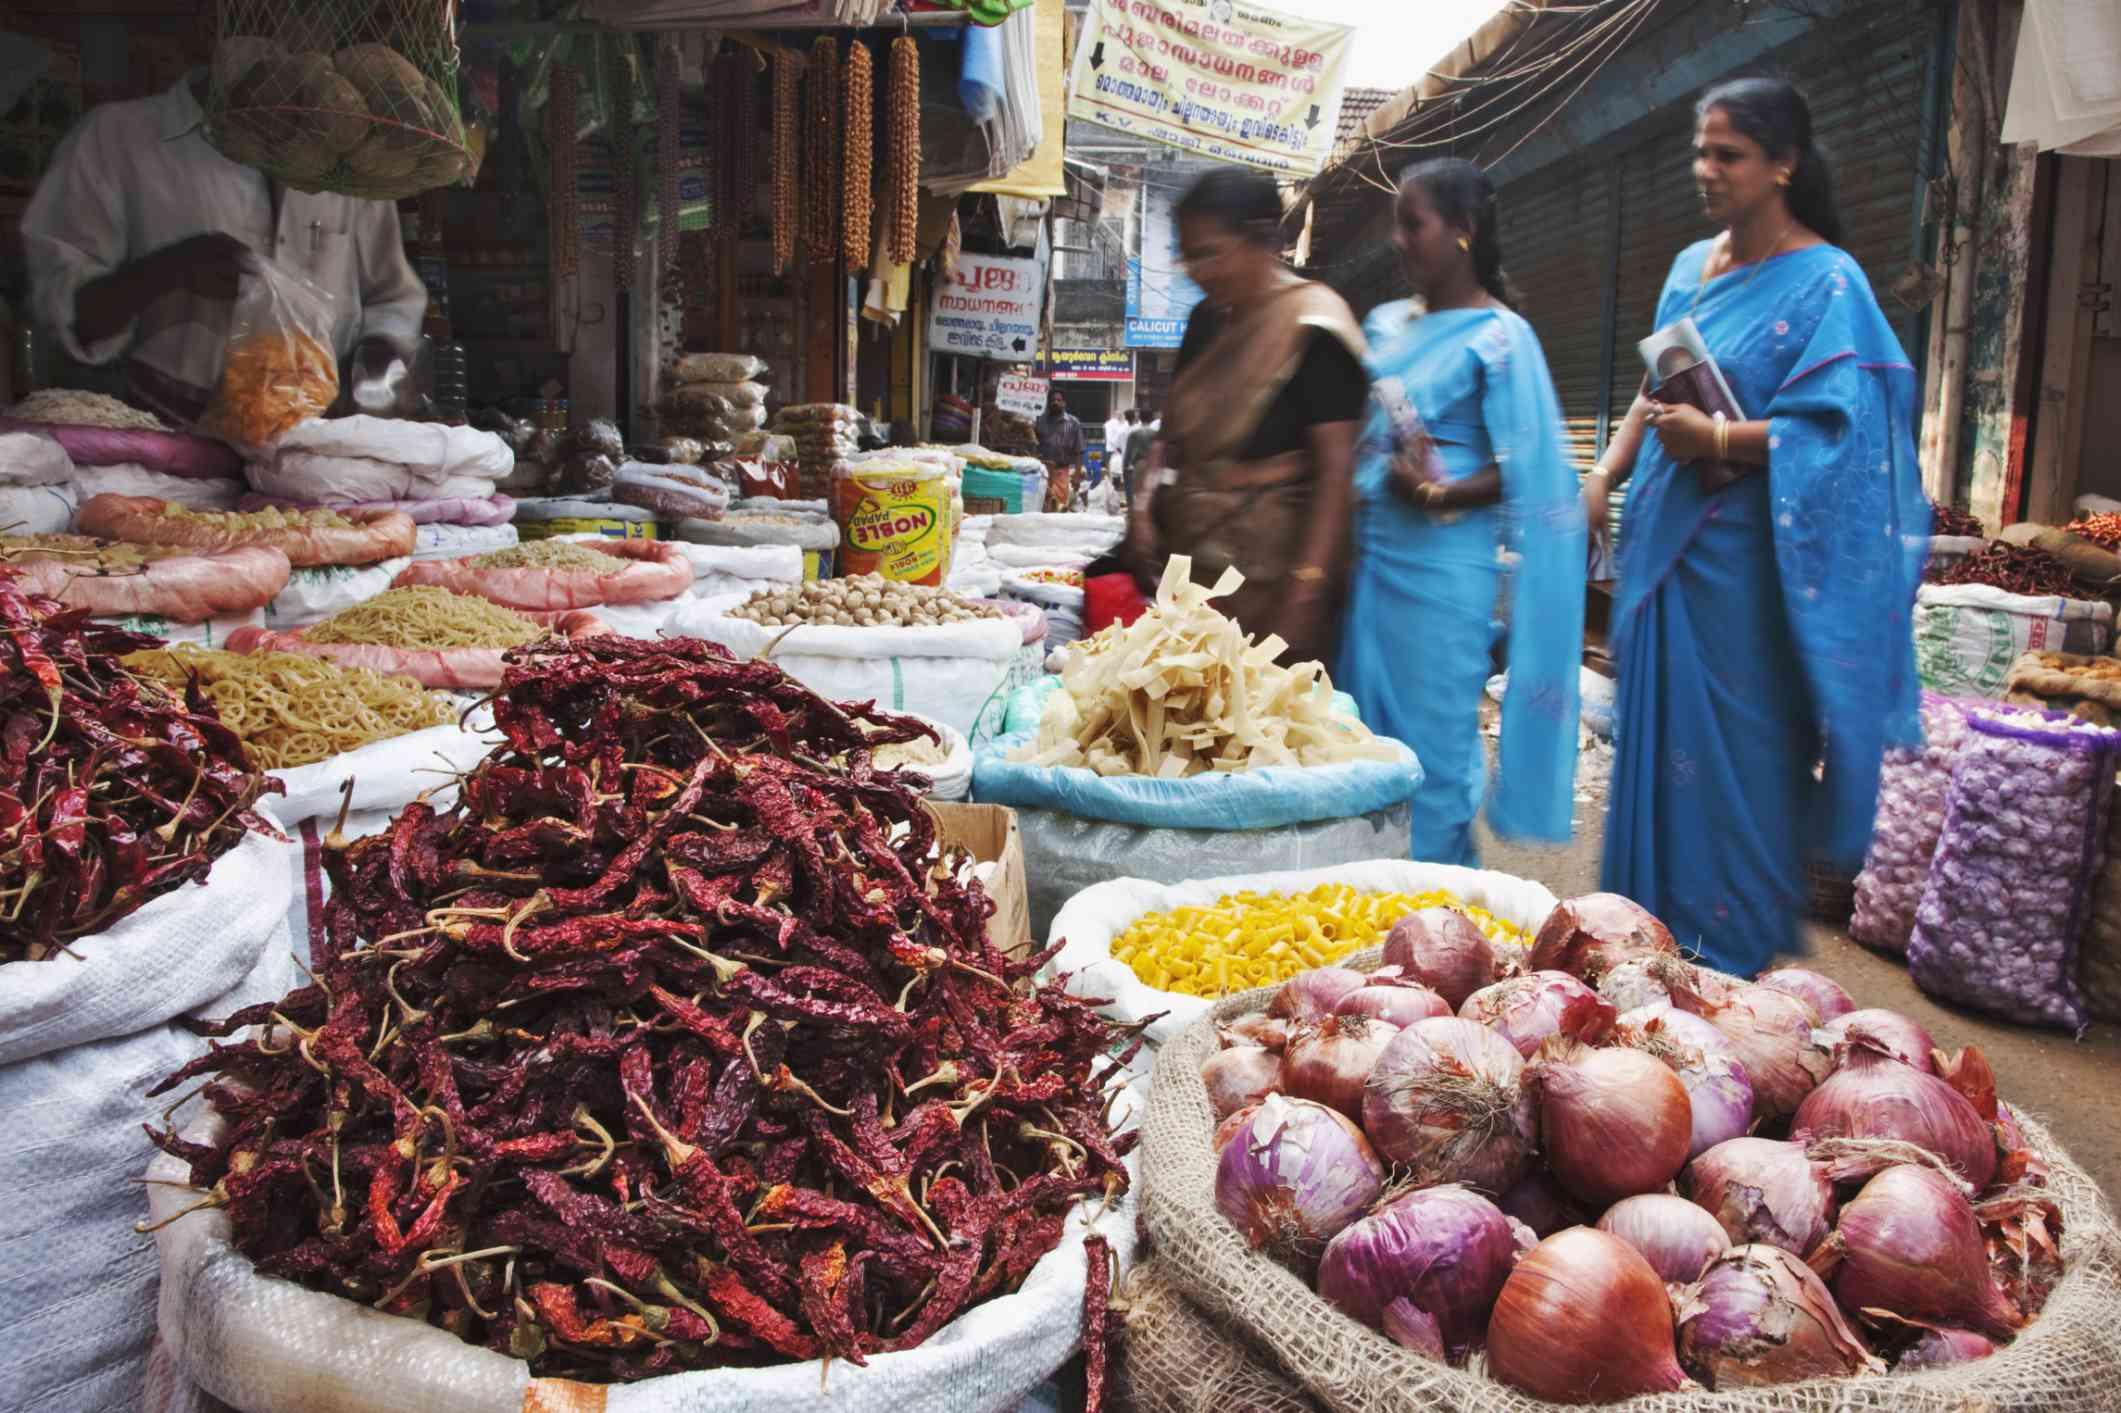 Market in Kochi, Kerala.